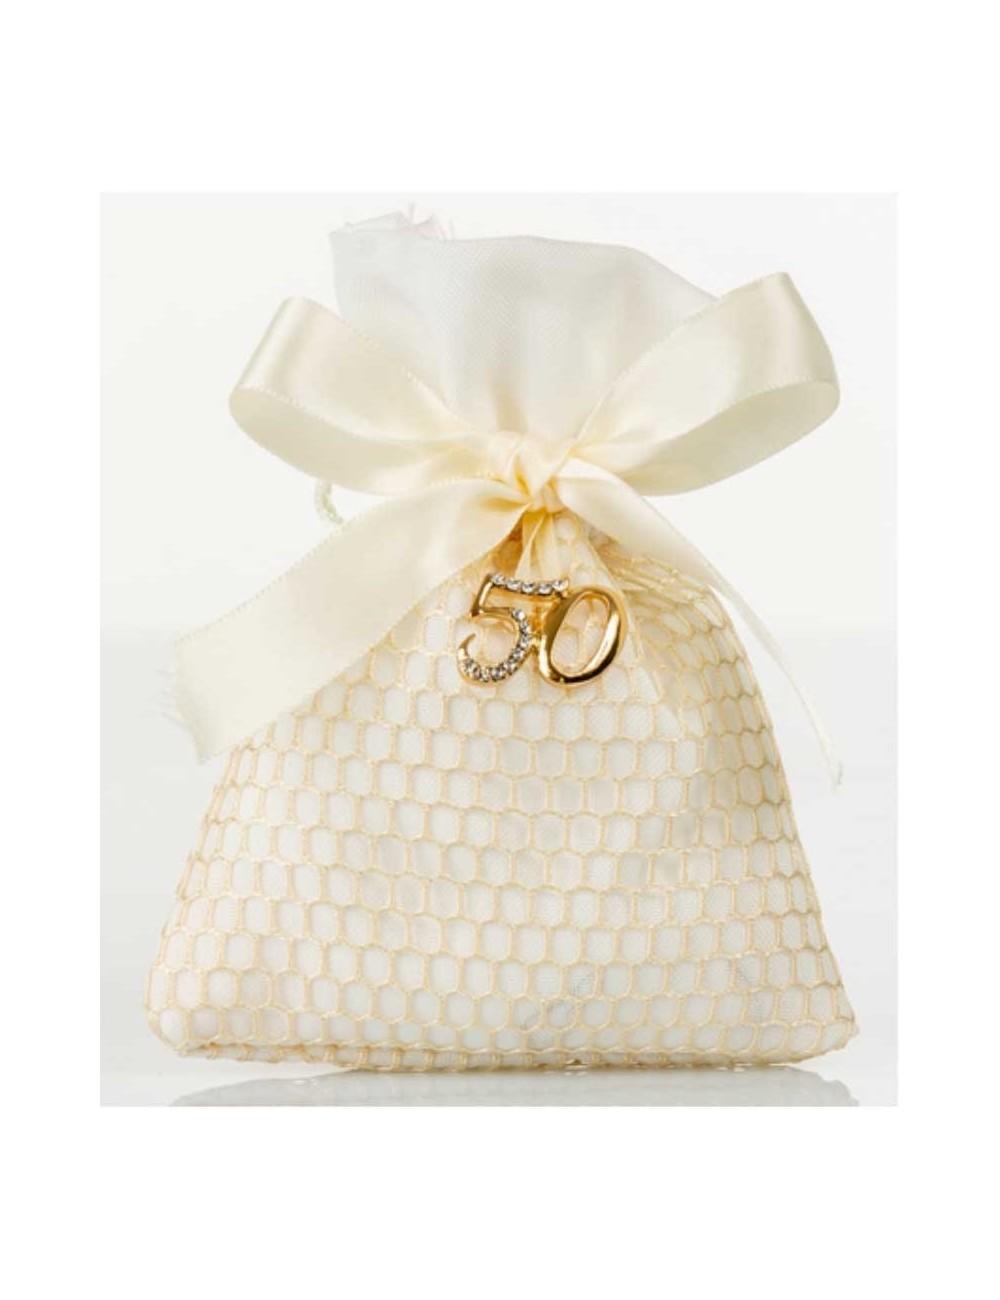 Sacchettino Piatto Rete Con Applicazione 50 Anni Matrimonio D5992 Sacchetti Cuorematto Wonderlandstore